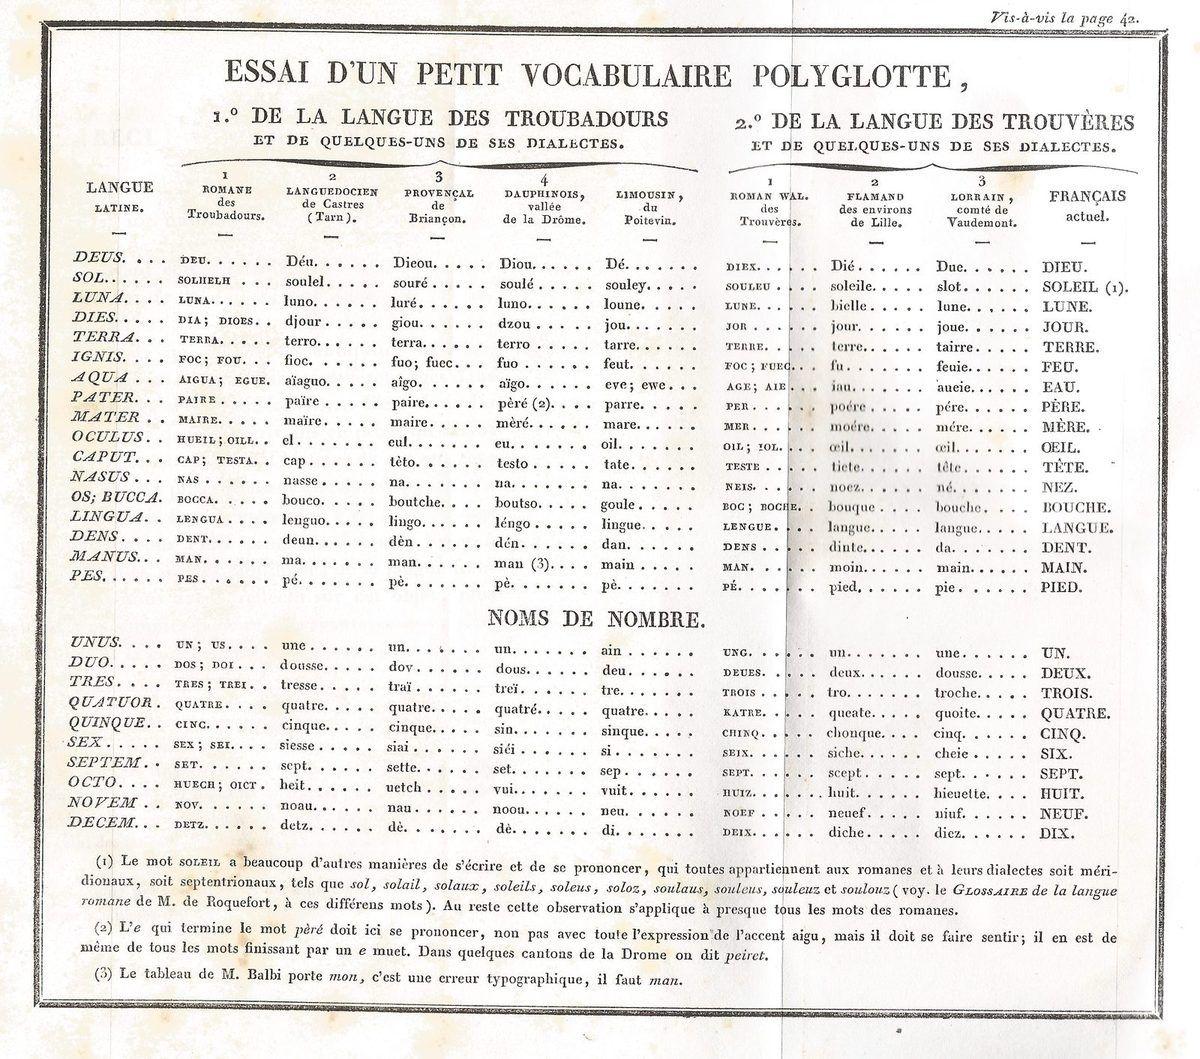 Essai d'un petit vocabulaire polyglotte -